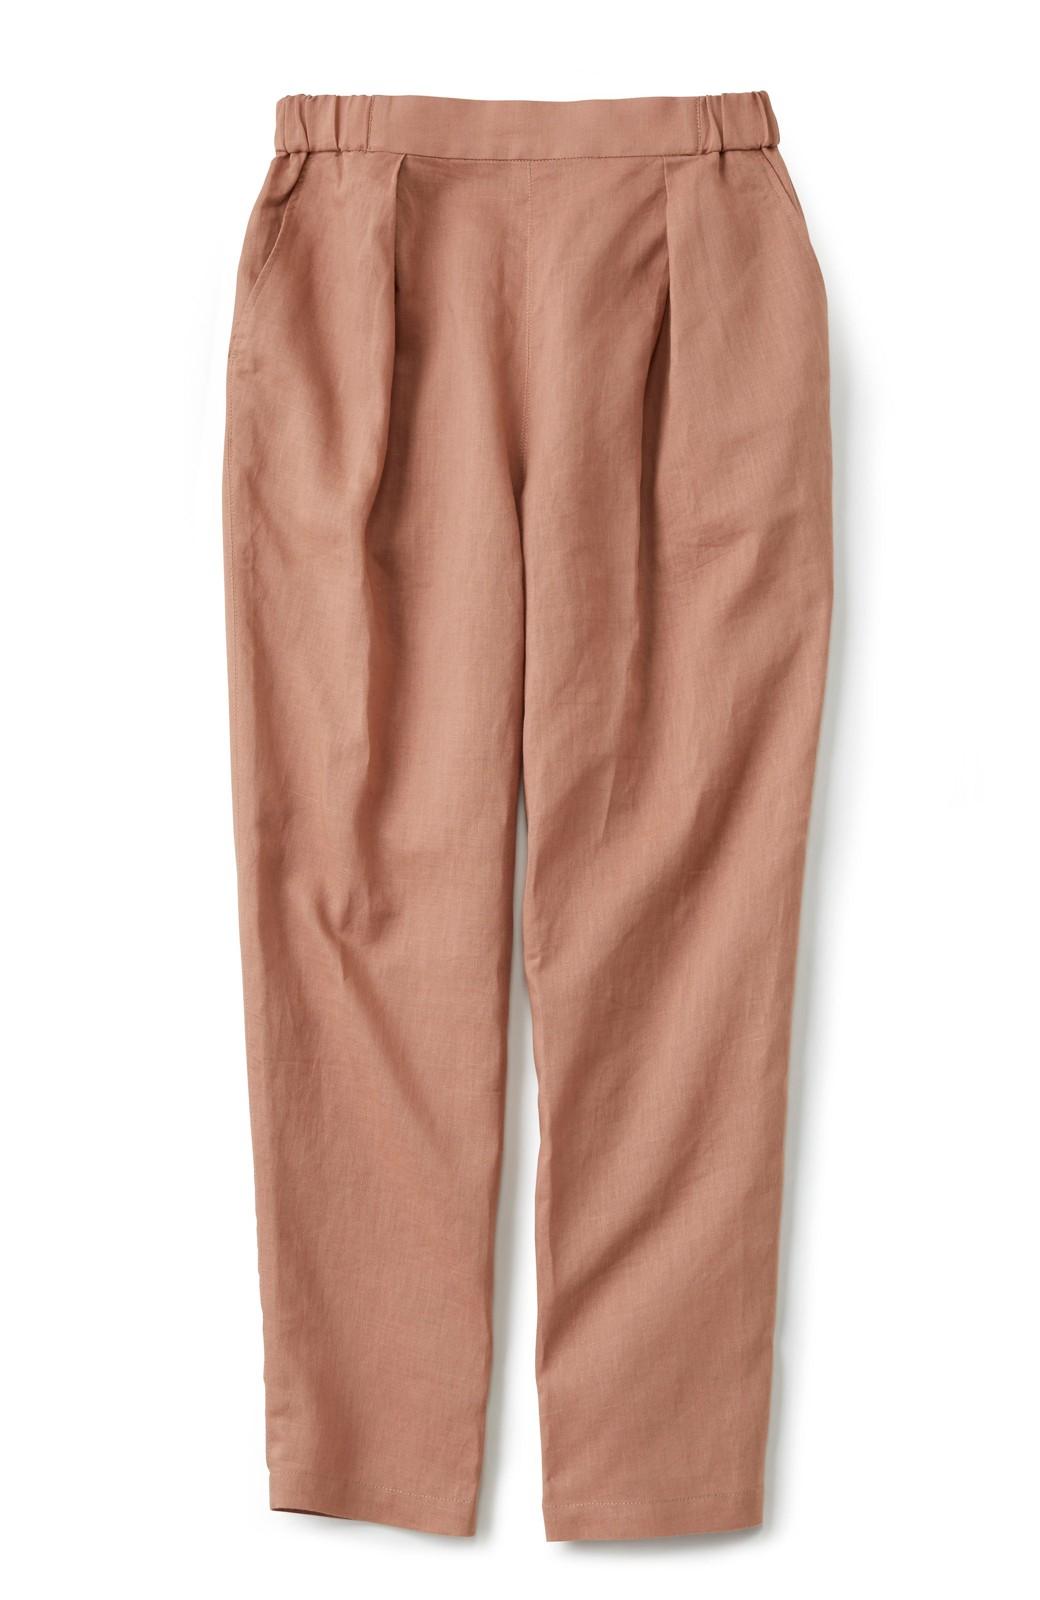 nusy 着るほどになじむ 綿麻素材のテーパードパンツ <ピンクベージュ>の商品写真1